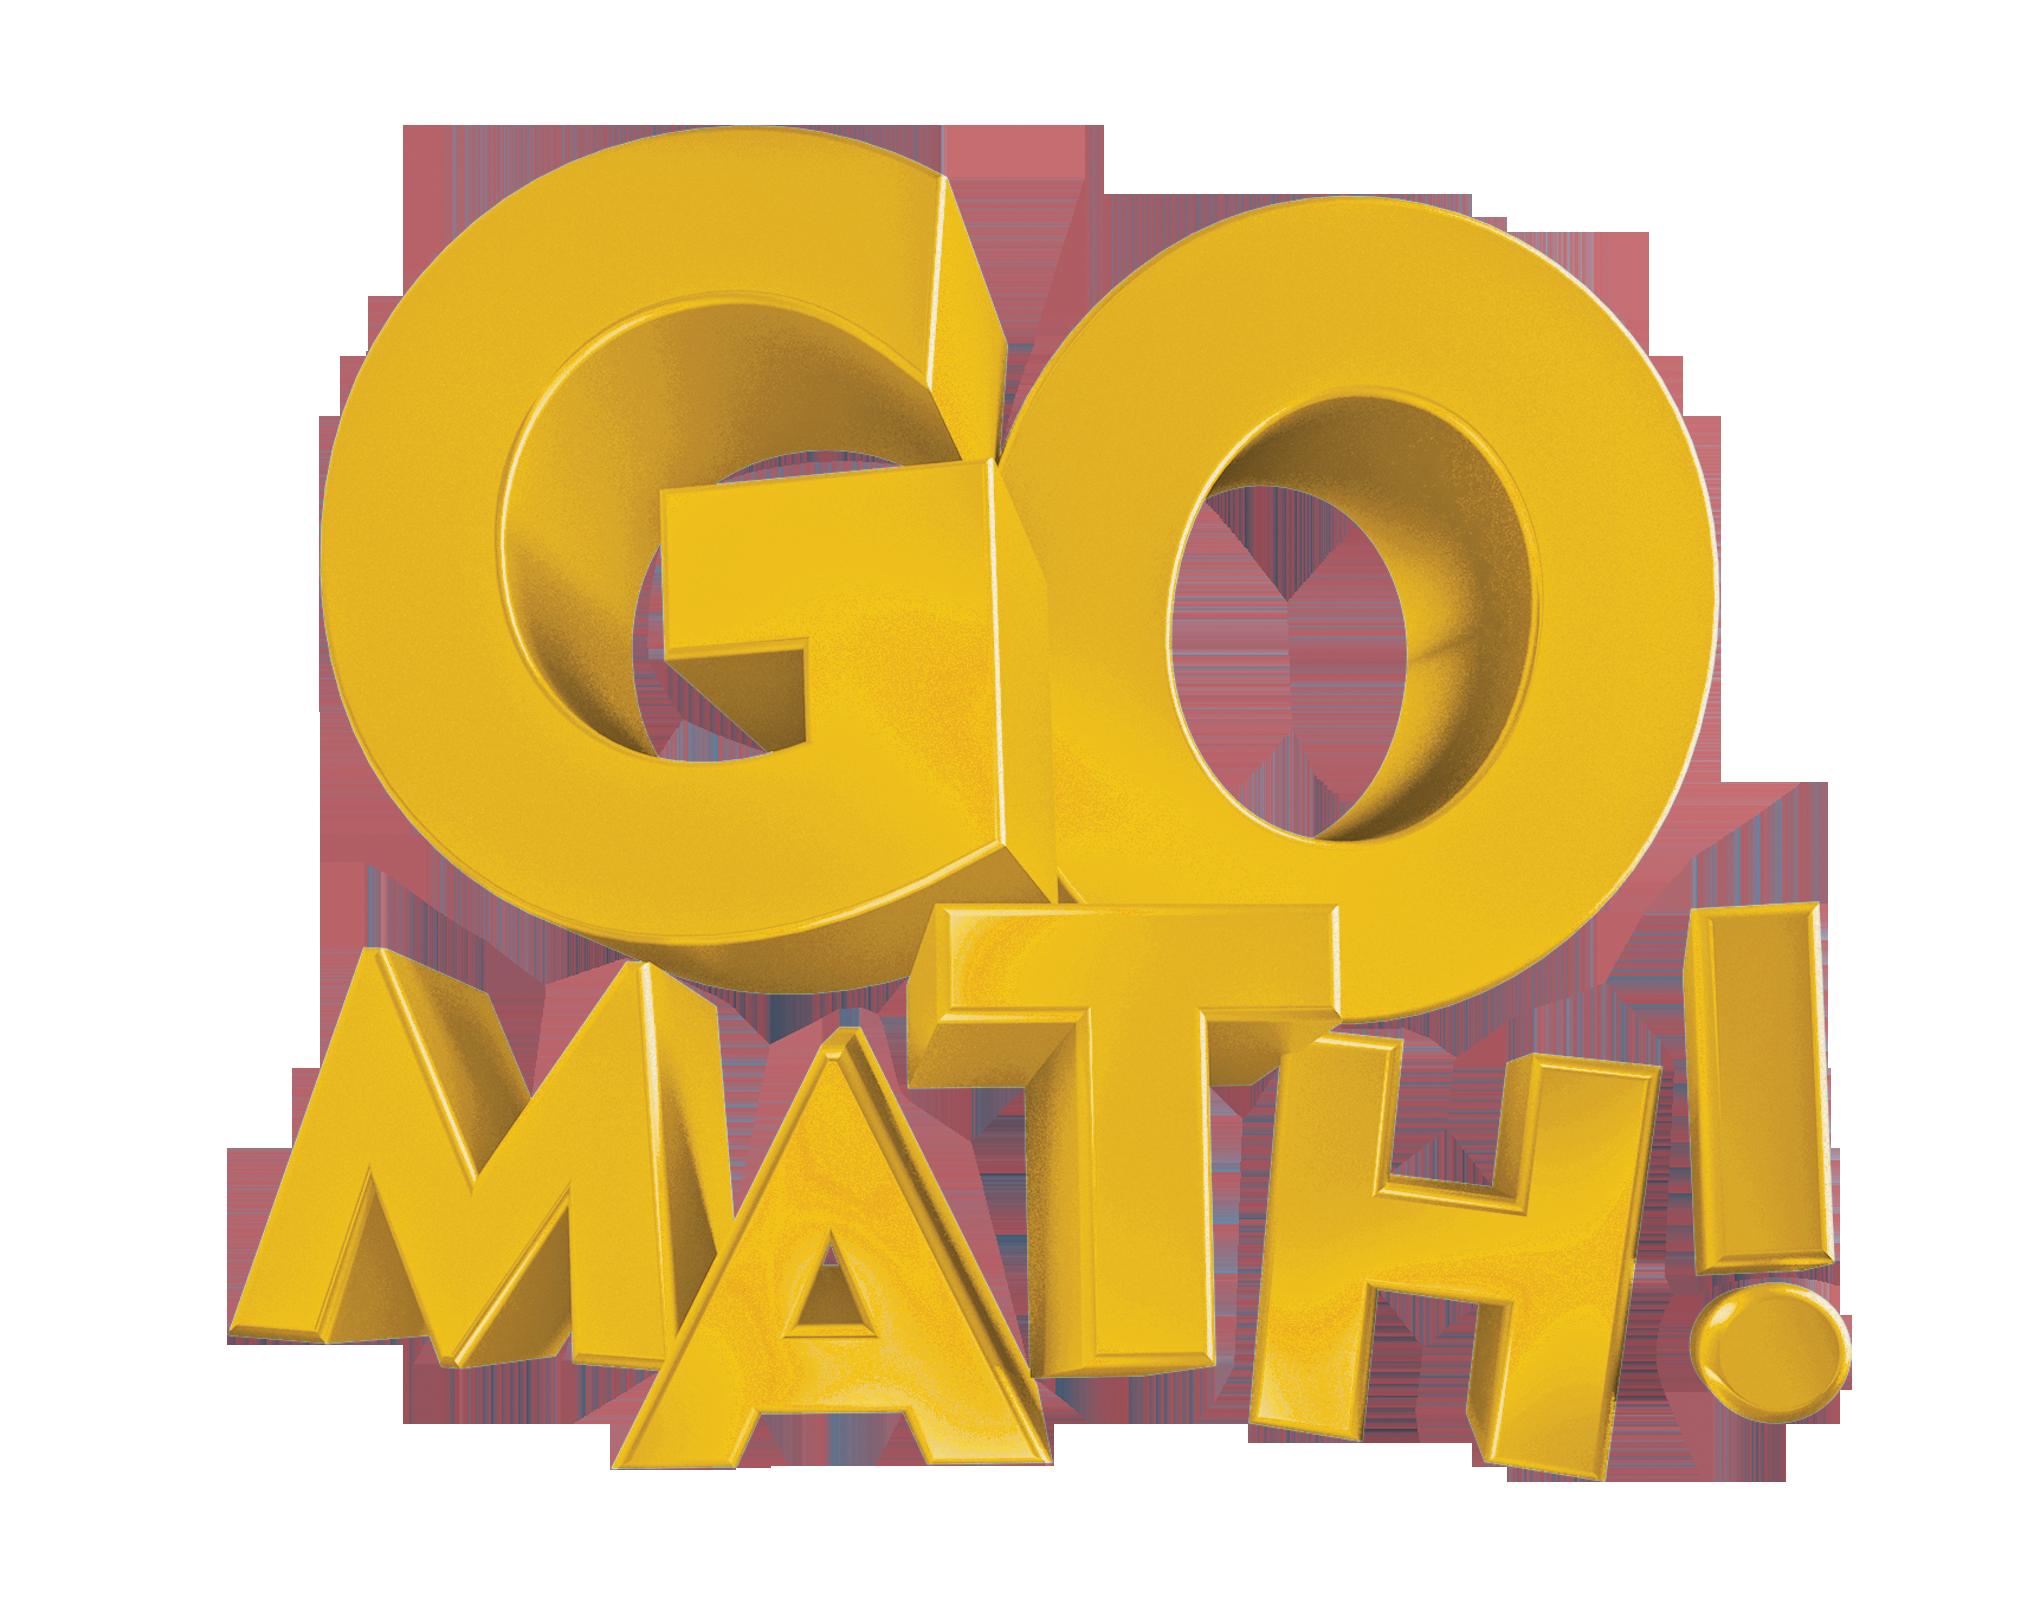 Meet Next Generation Standards. Virginia GO Math!